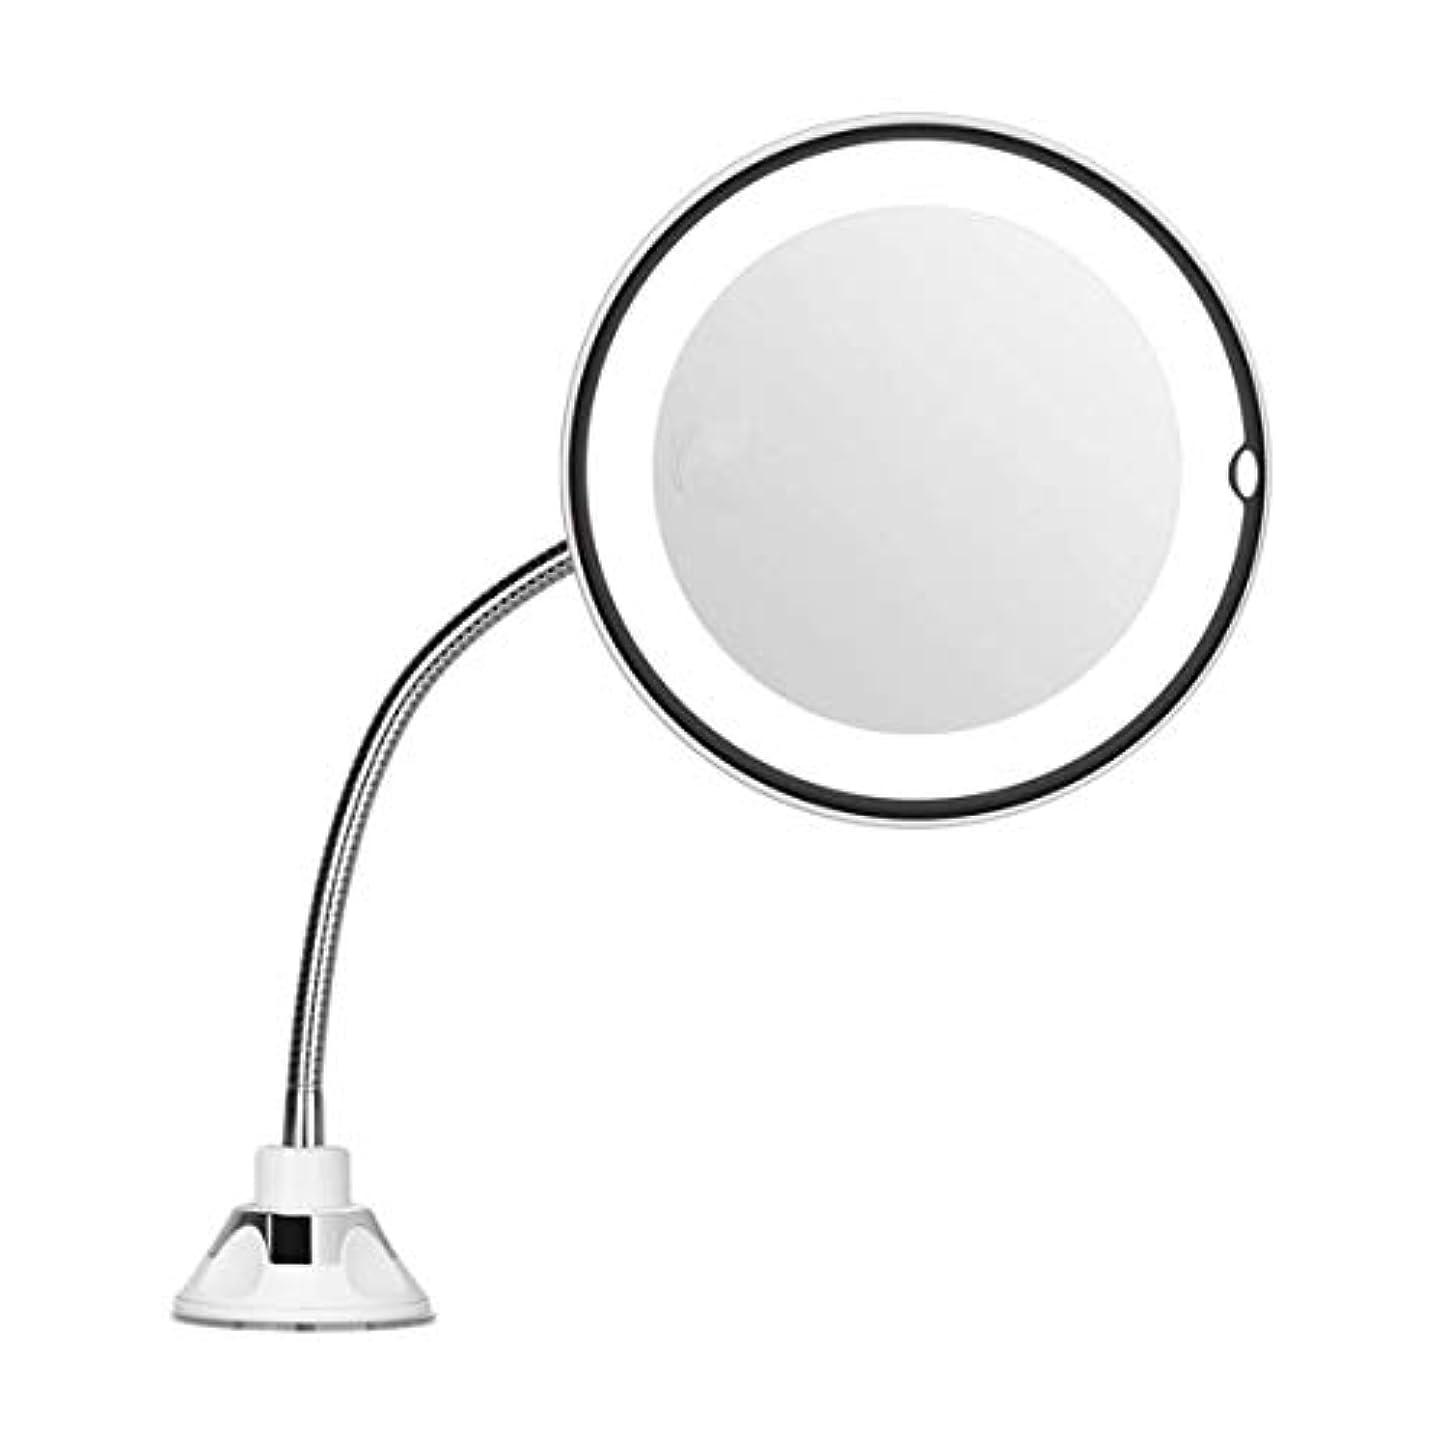 タンパク質融合かろうじてIntercorey Mirror倍率7インチグースネックメイクアップラウンドバニティミラー家庭用浴室使用超強力吸盤